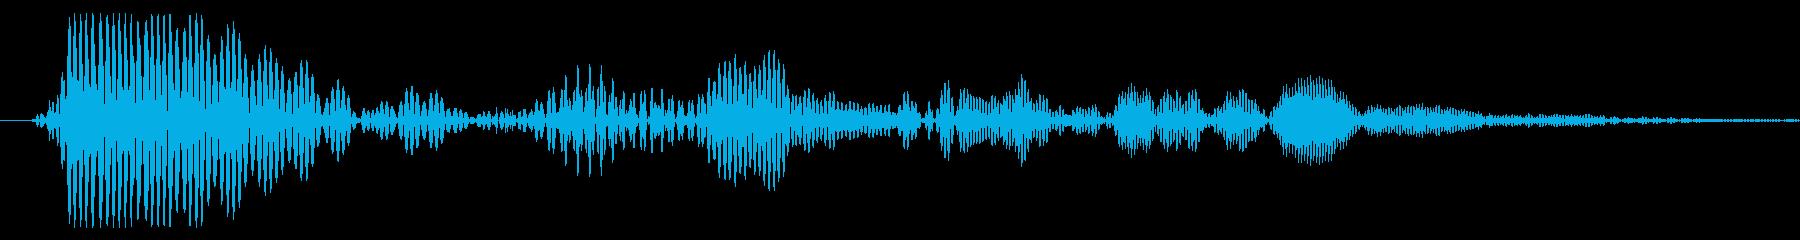 水滴音を加工して制作したカーソル音_02の再生済みの波形